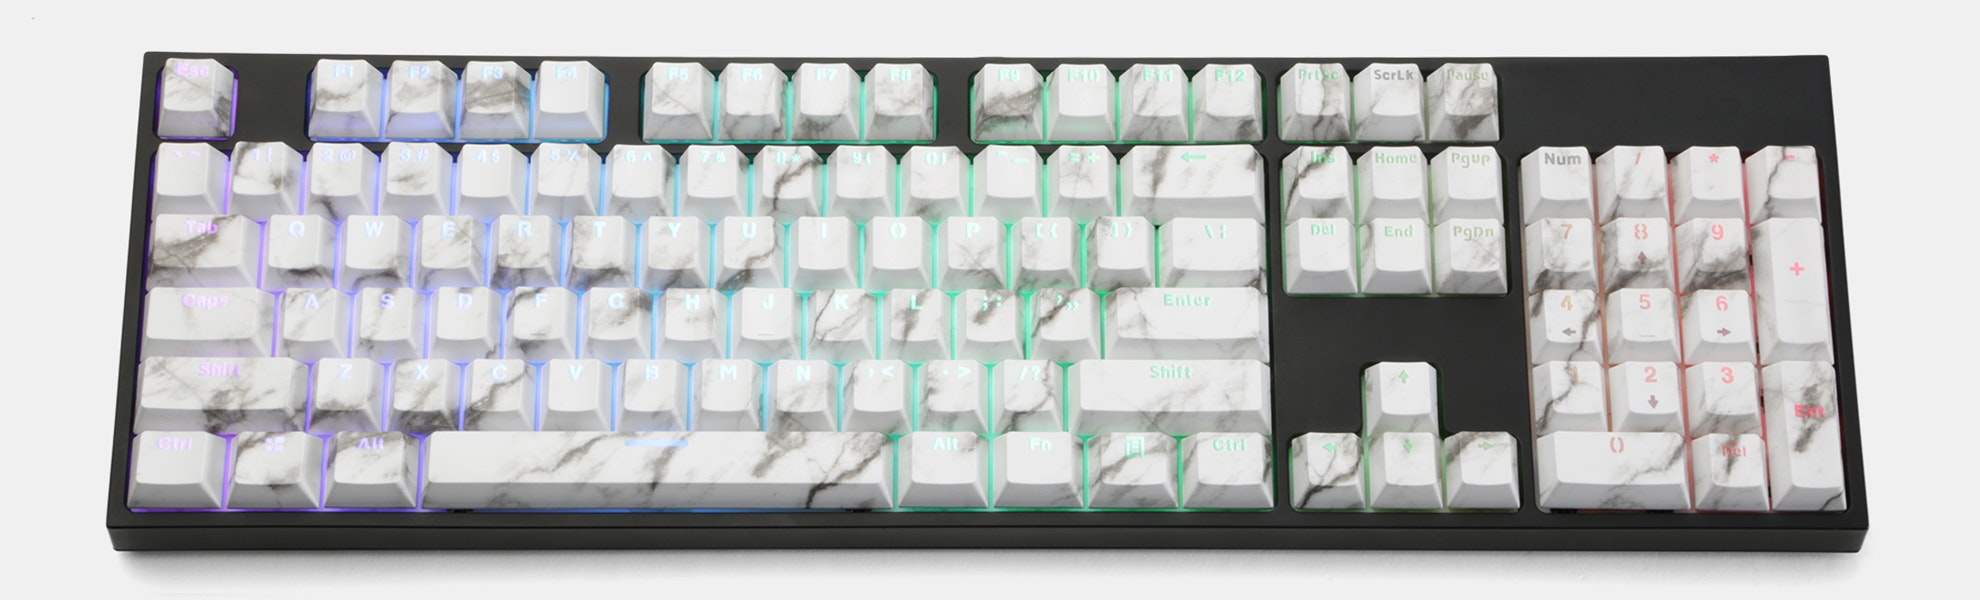 ABS Shine-Through Backlit Keycap Set